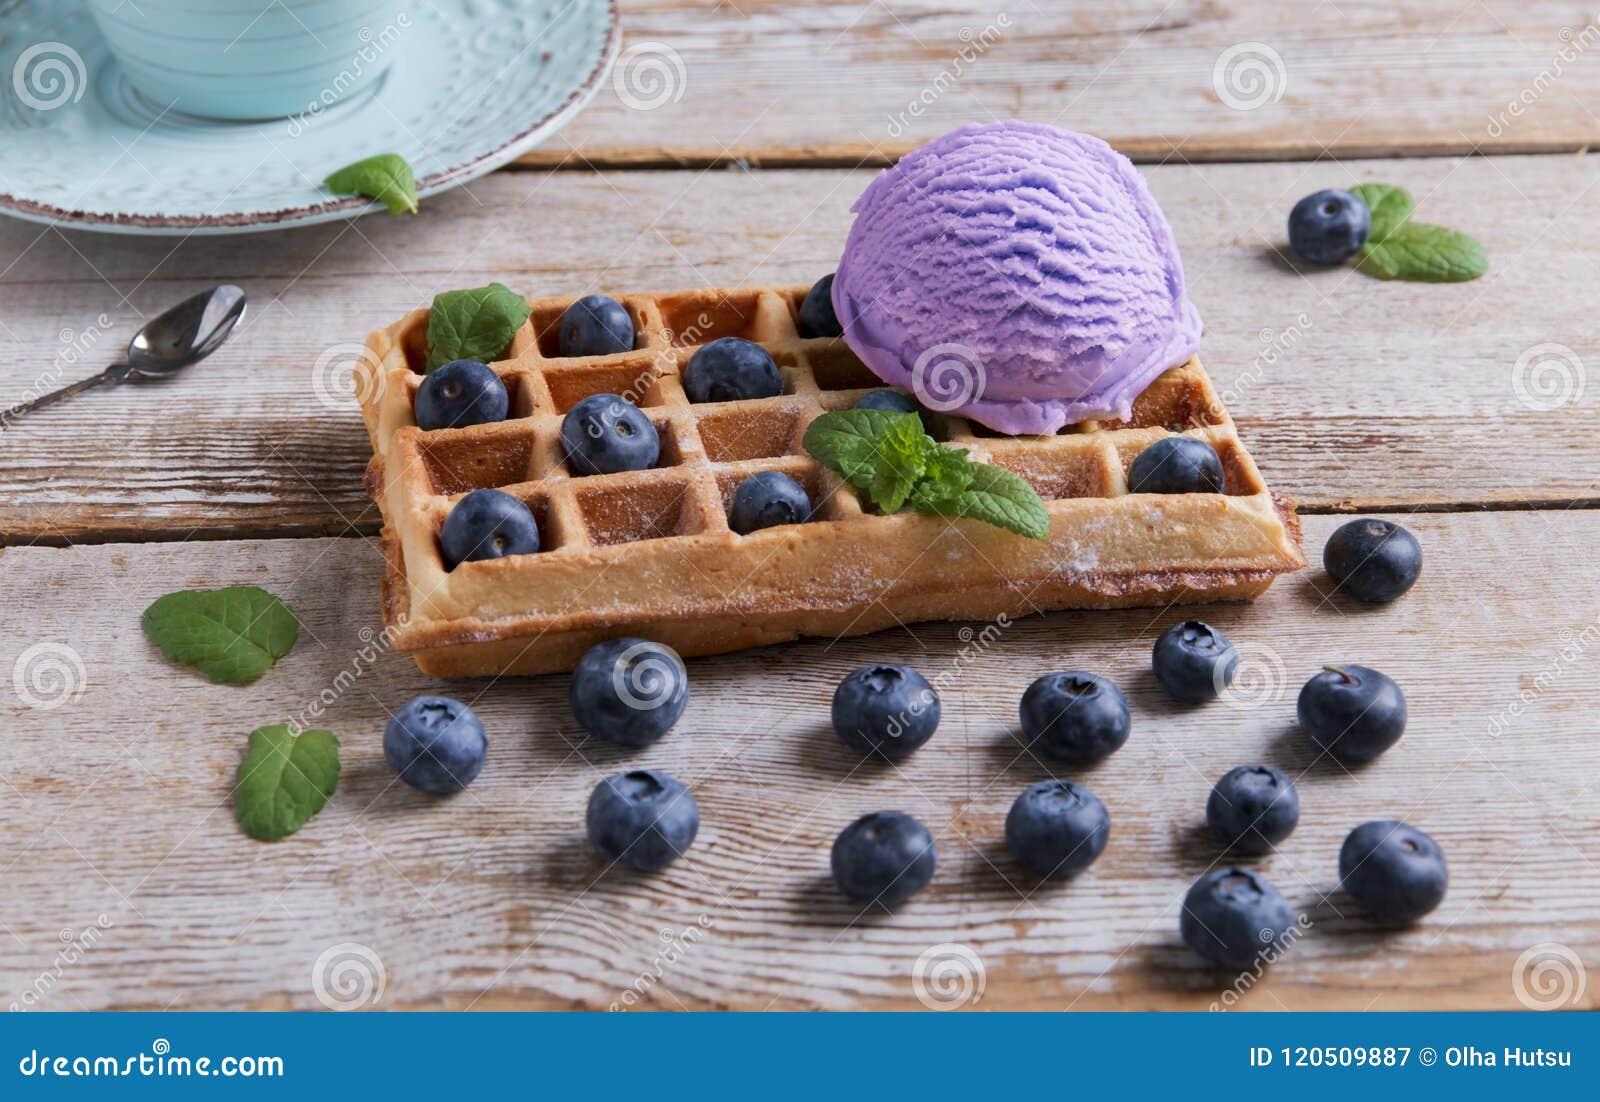 Myrtille de crème glacée sur une gaufre belge sur une surface en bois Gaufres faites maison délicieuses avec la crème glacée de f